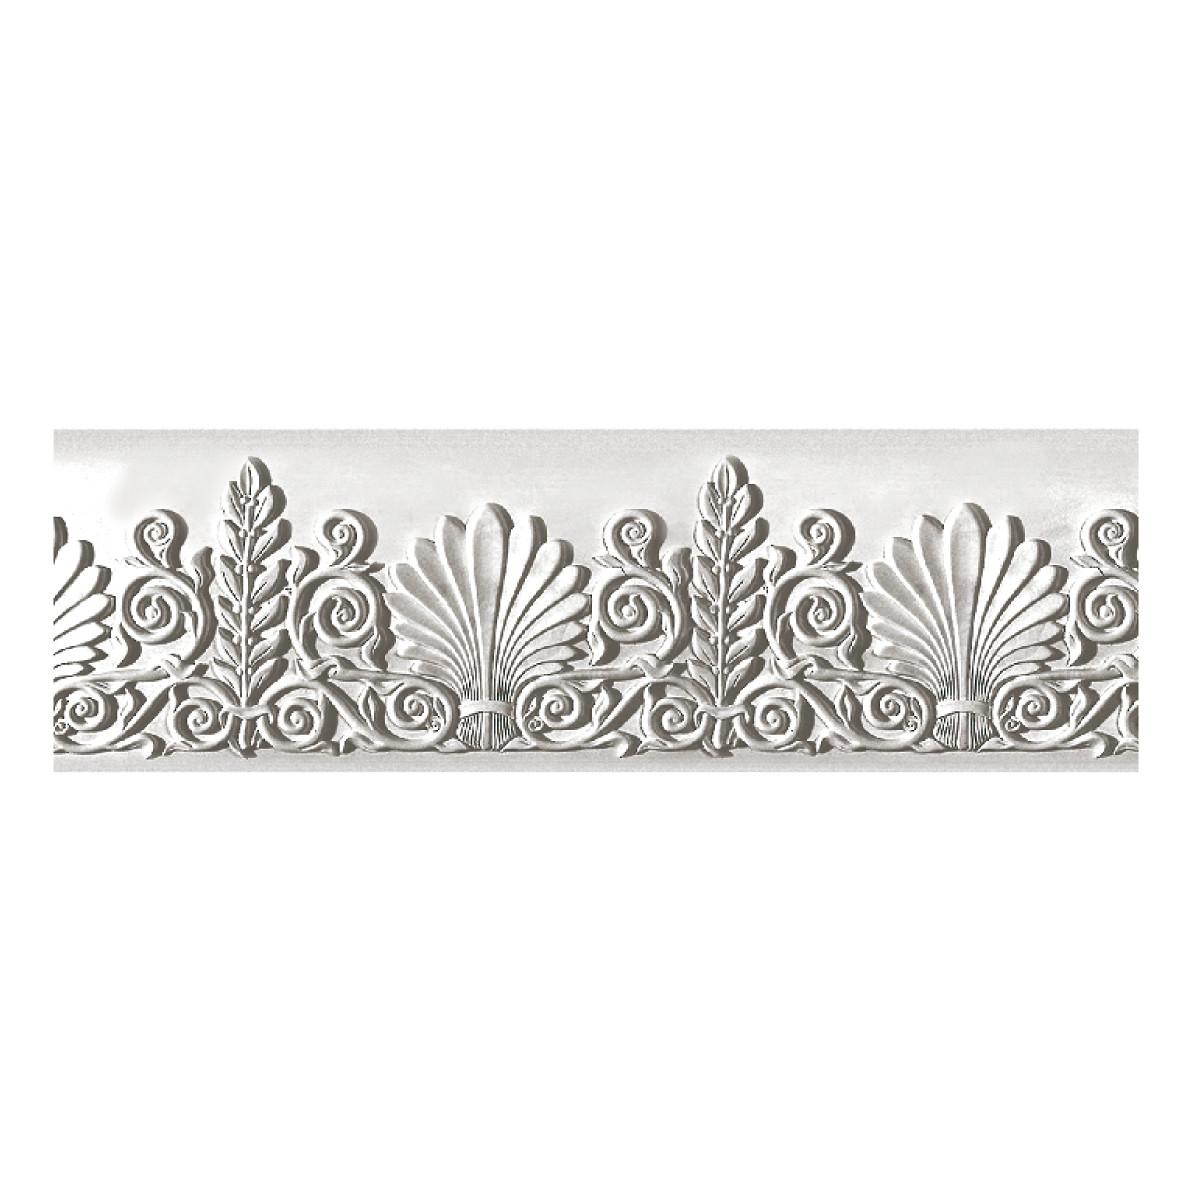 Декоративный фриз из гипса, гипсовый фриз с орнаментом Ф-29 (без обрамления) h280 мм